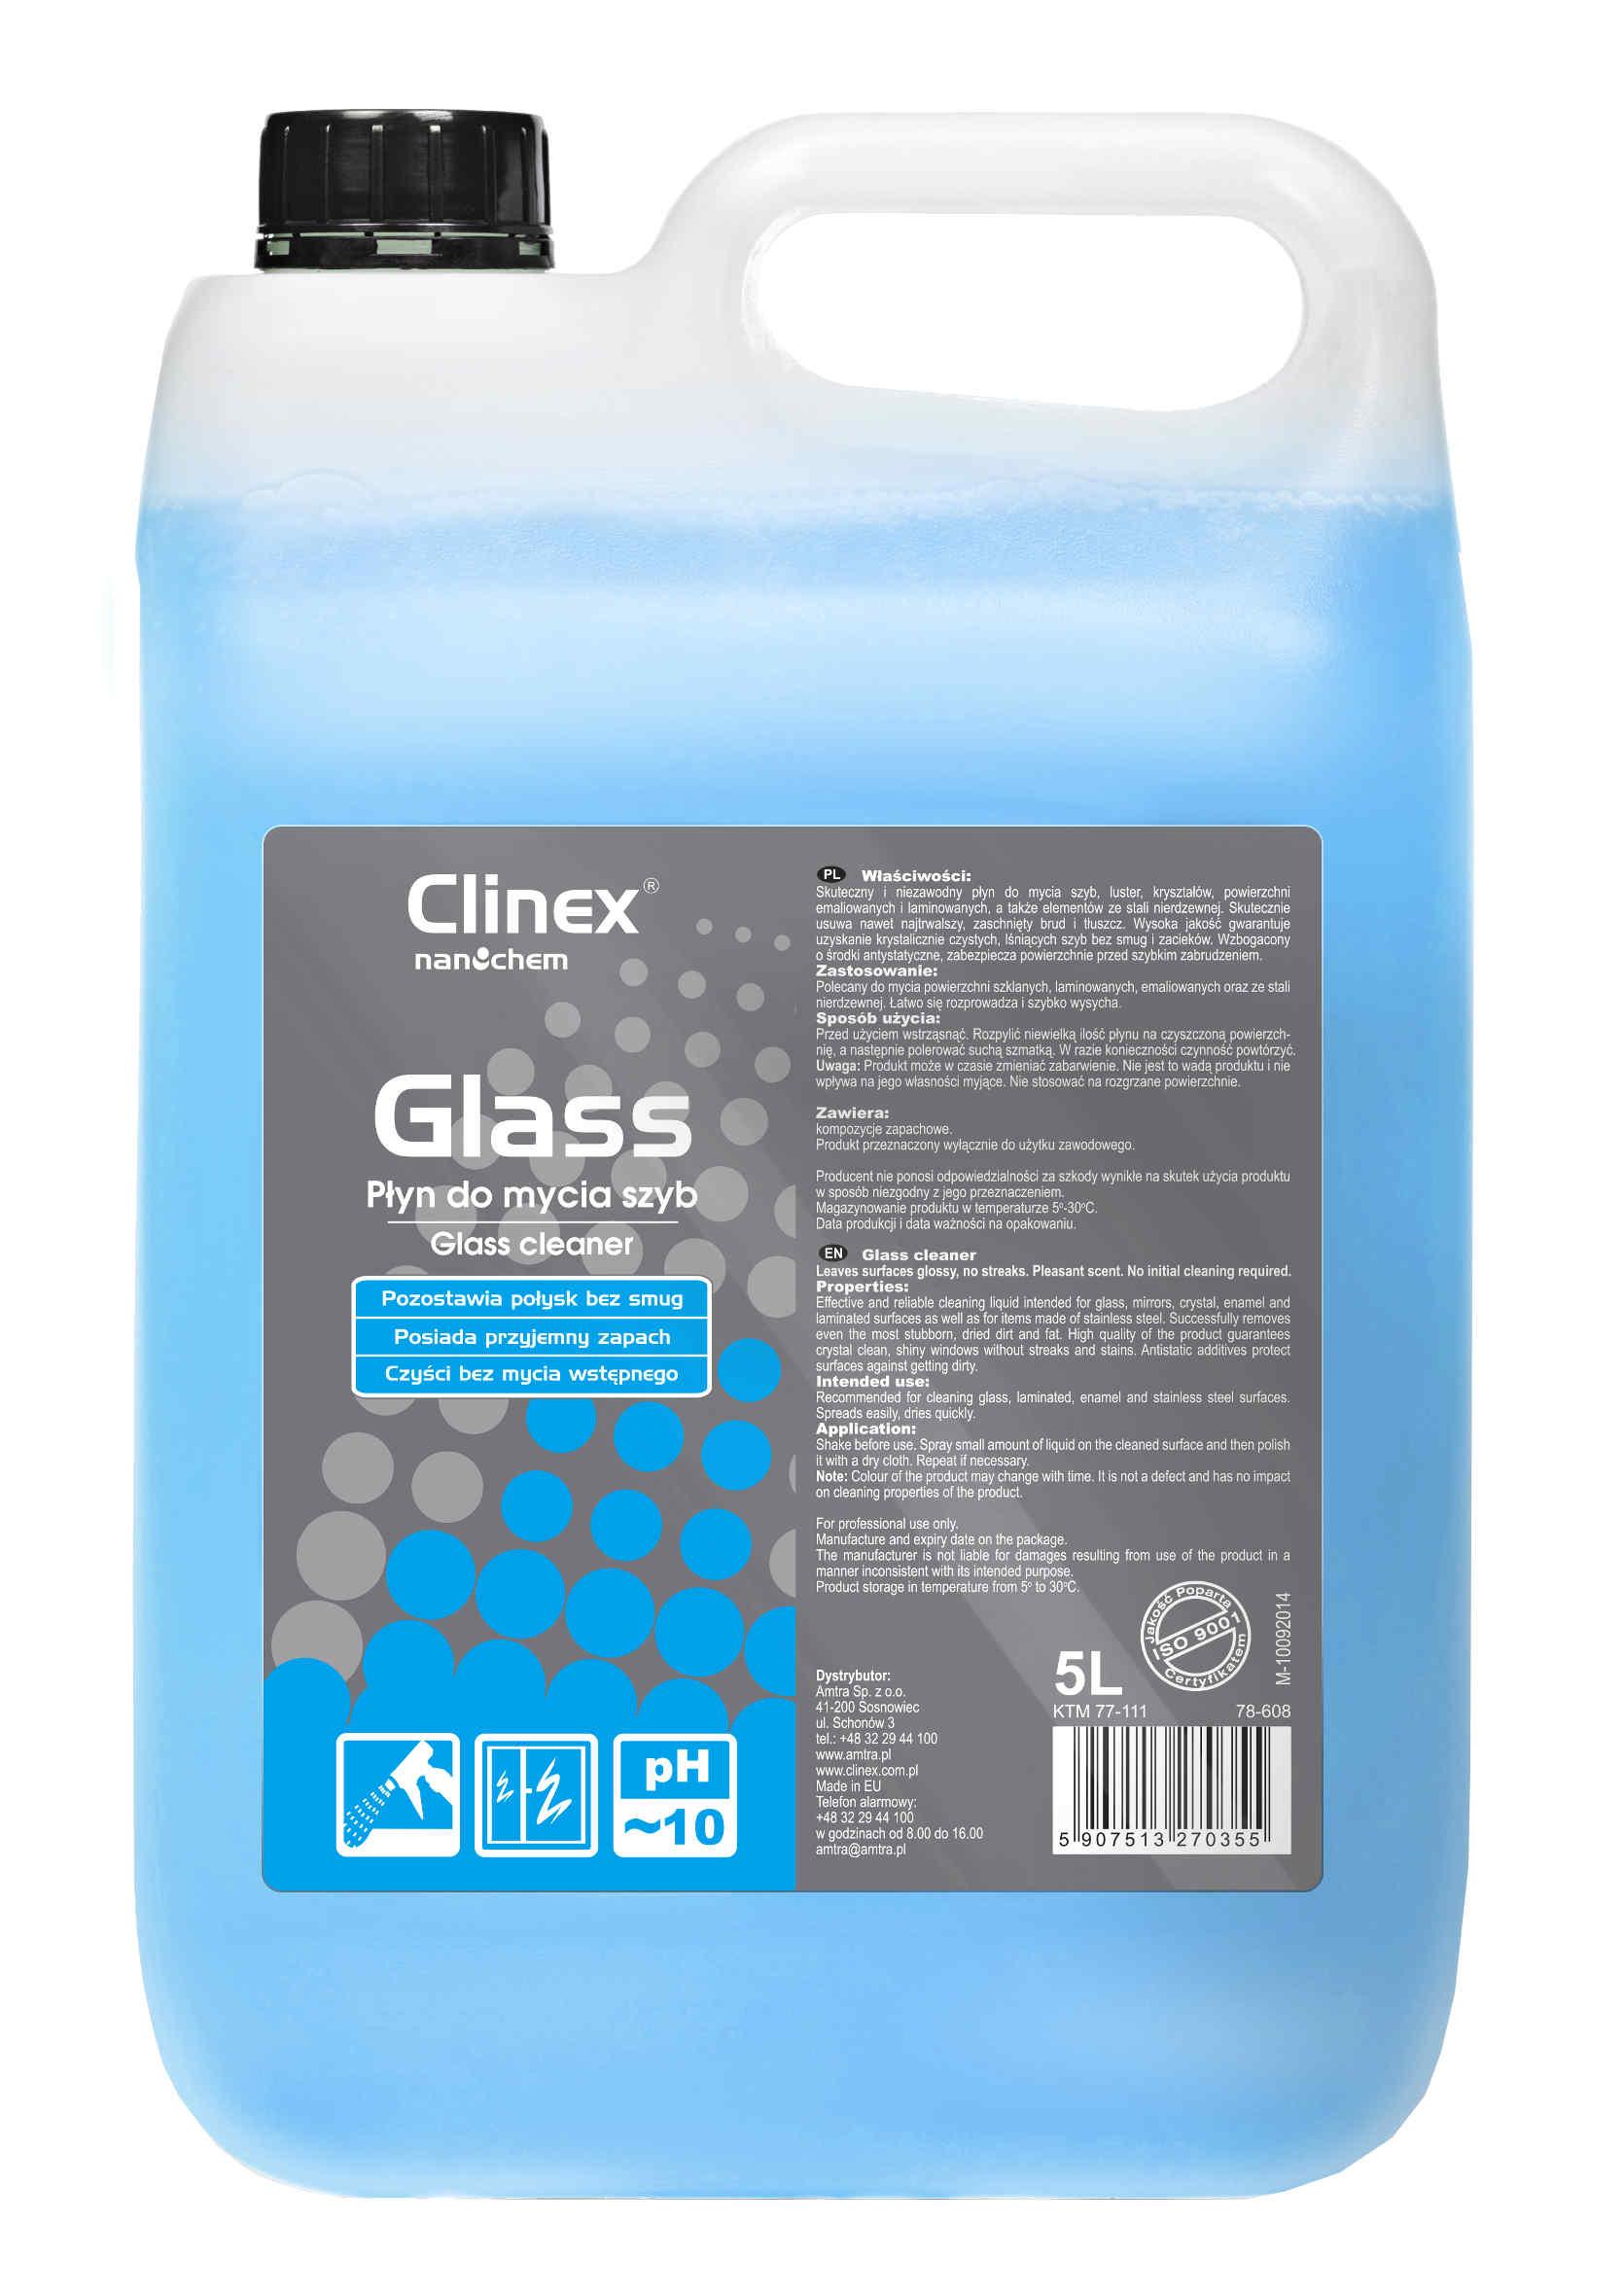 Clinex Glass do Powierzchni Szklanych 5L